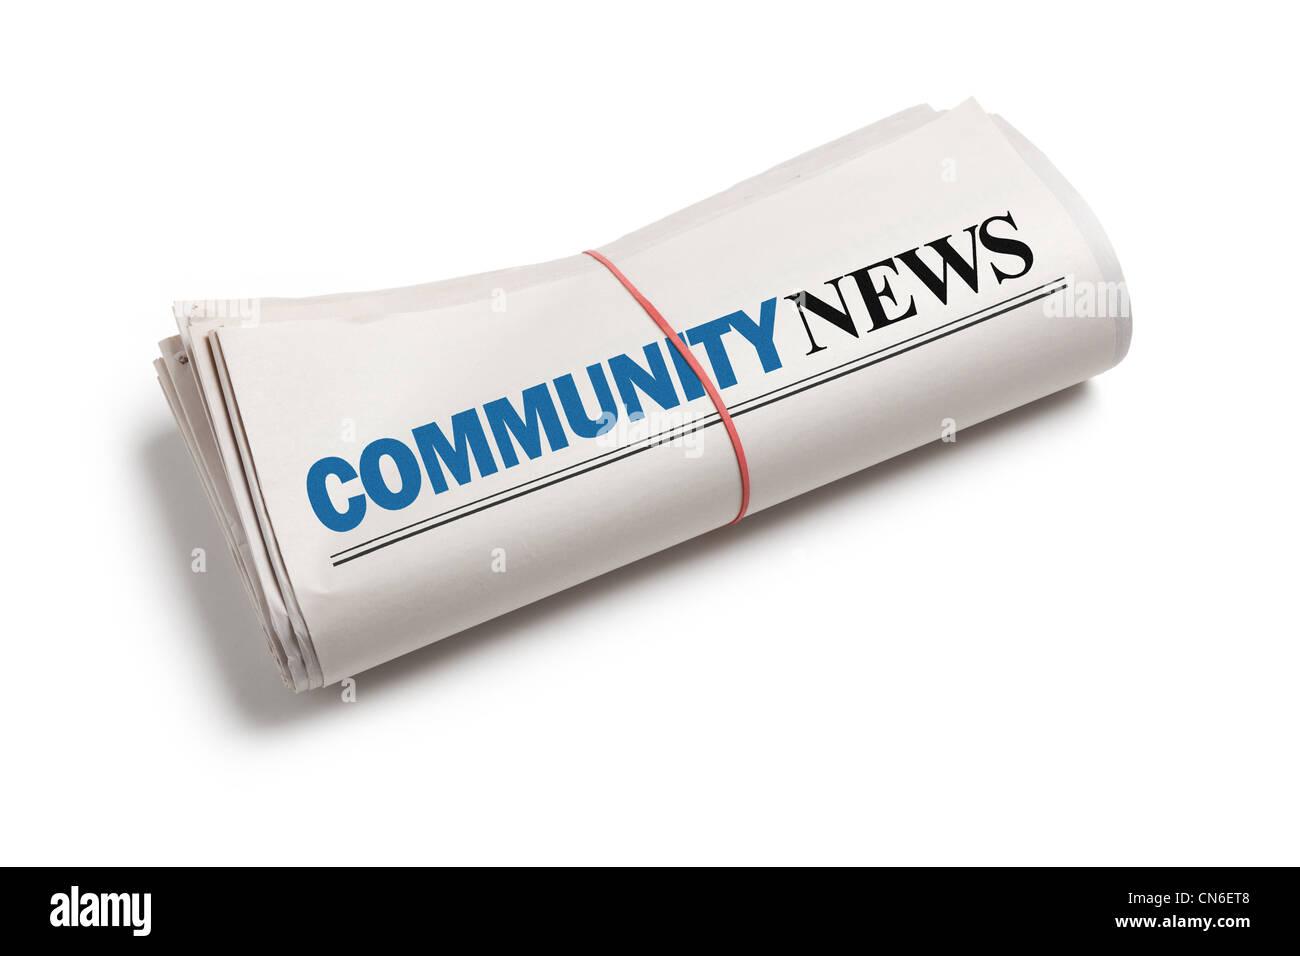 Comunidad Noticias, periódico rollo con fondo blanco. Imagen De Stock